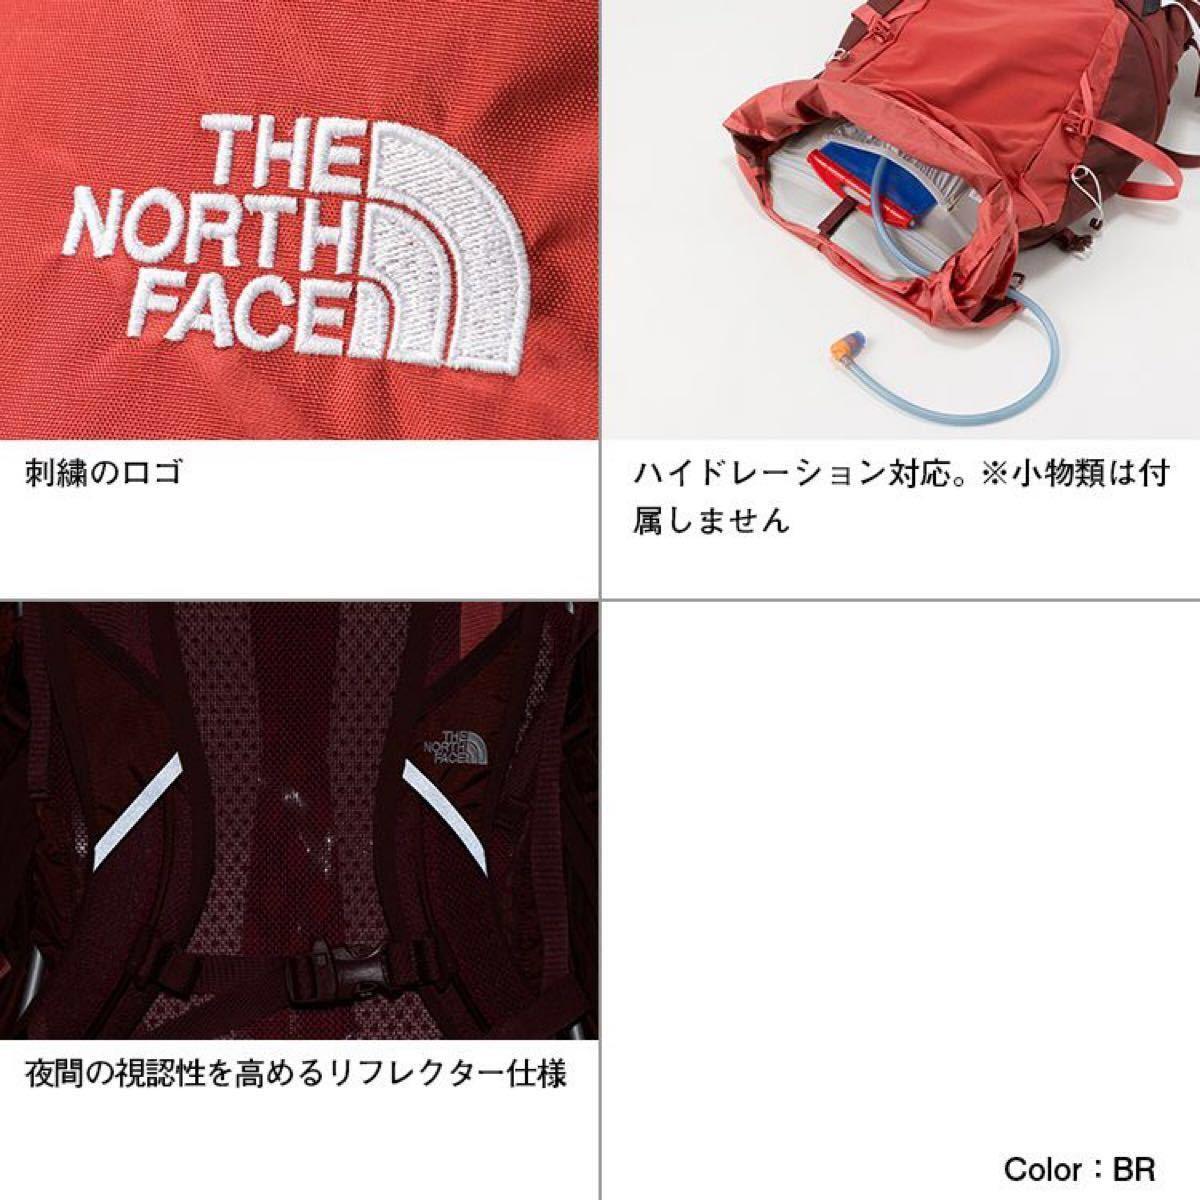 THE NORTH FACEノースフェイス リュック グリフィン75赤レディース